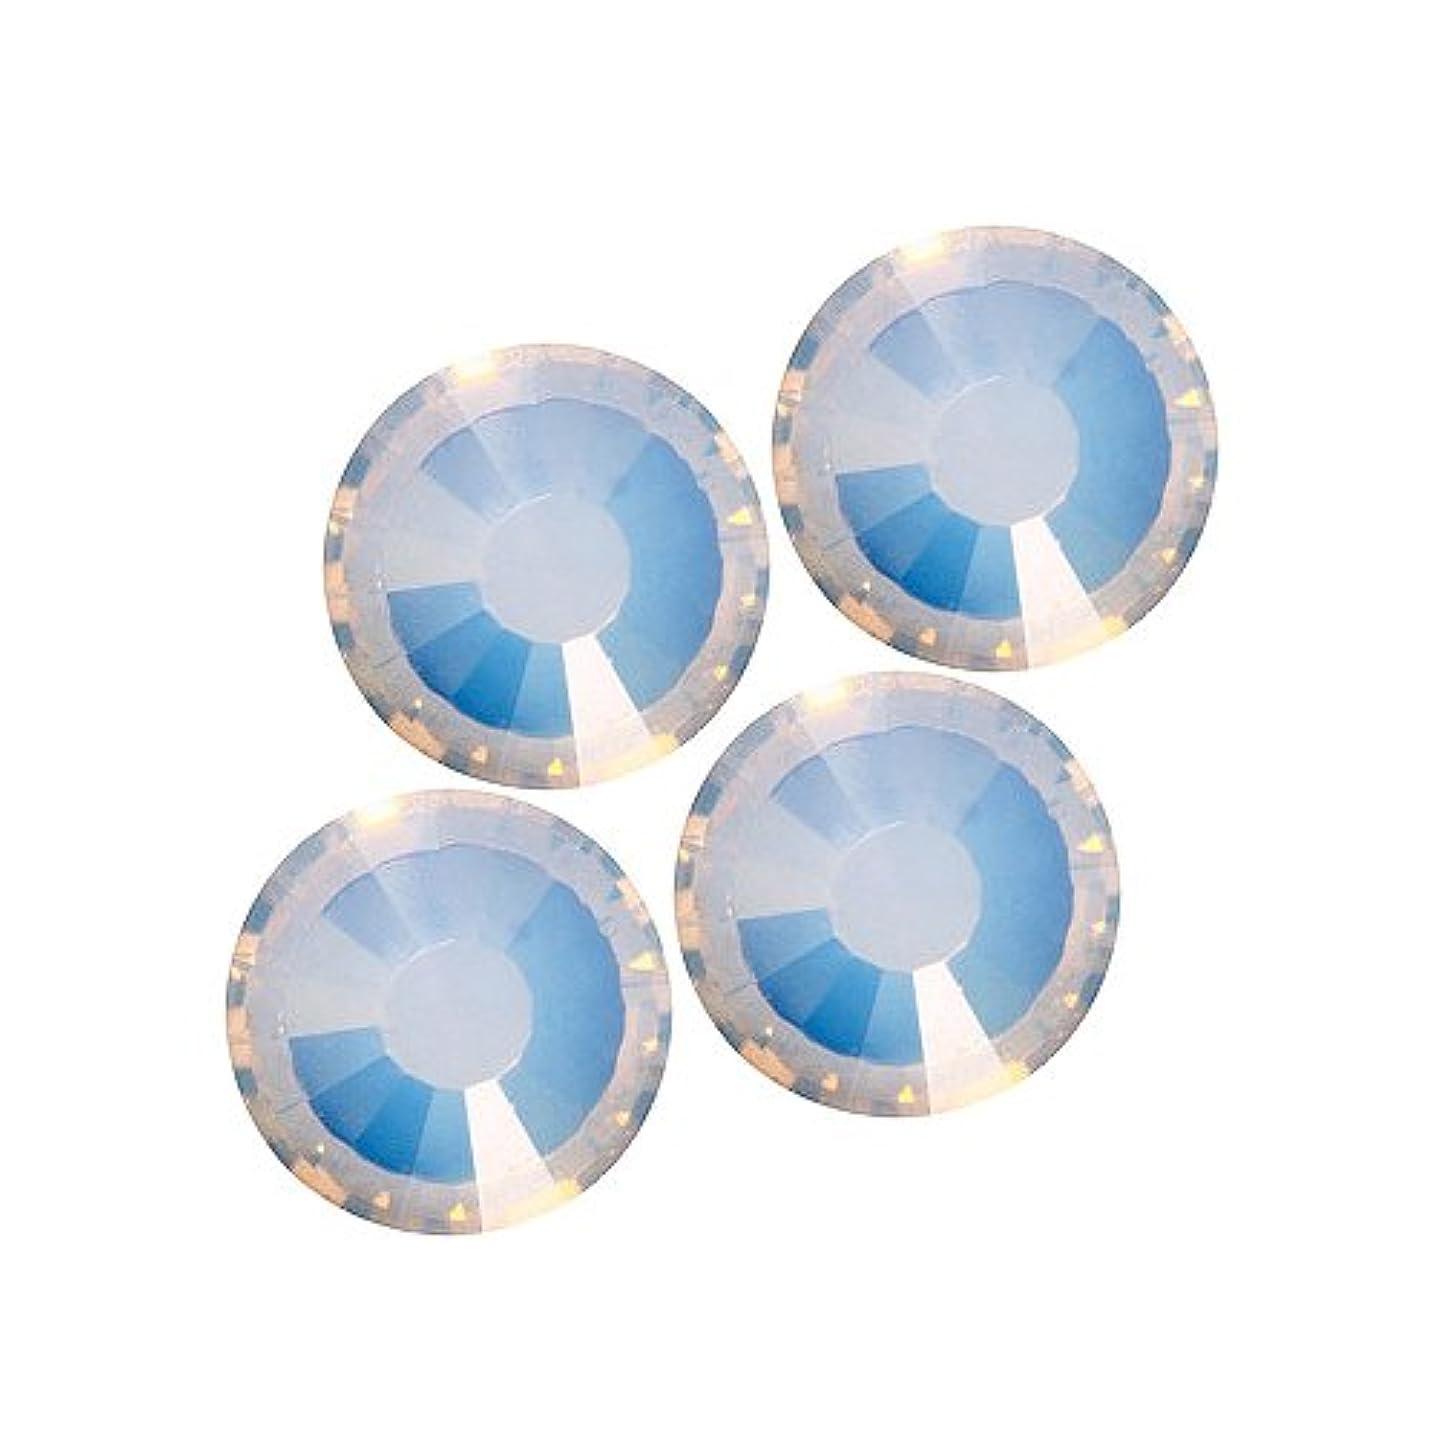 切断する興奮退屈バイナル DIAMOND RHINESTONE ホワイトオパールSS8 720粒 ST-SS8-WHO-5G